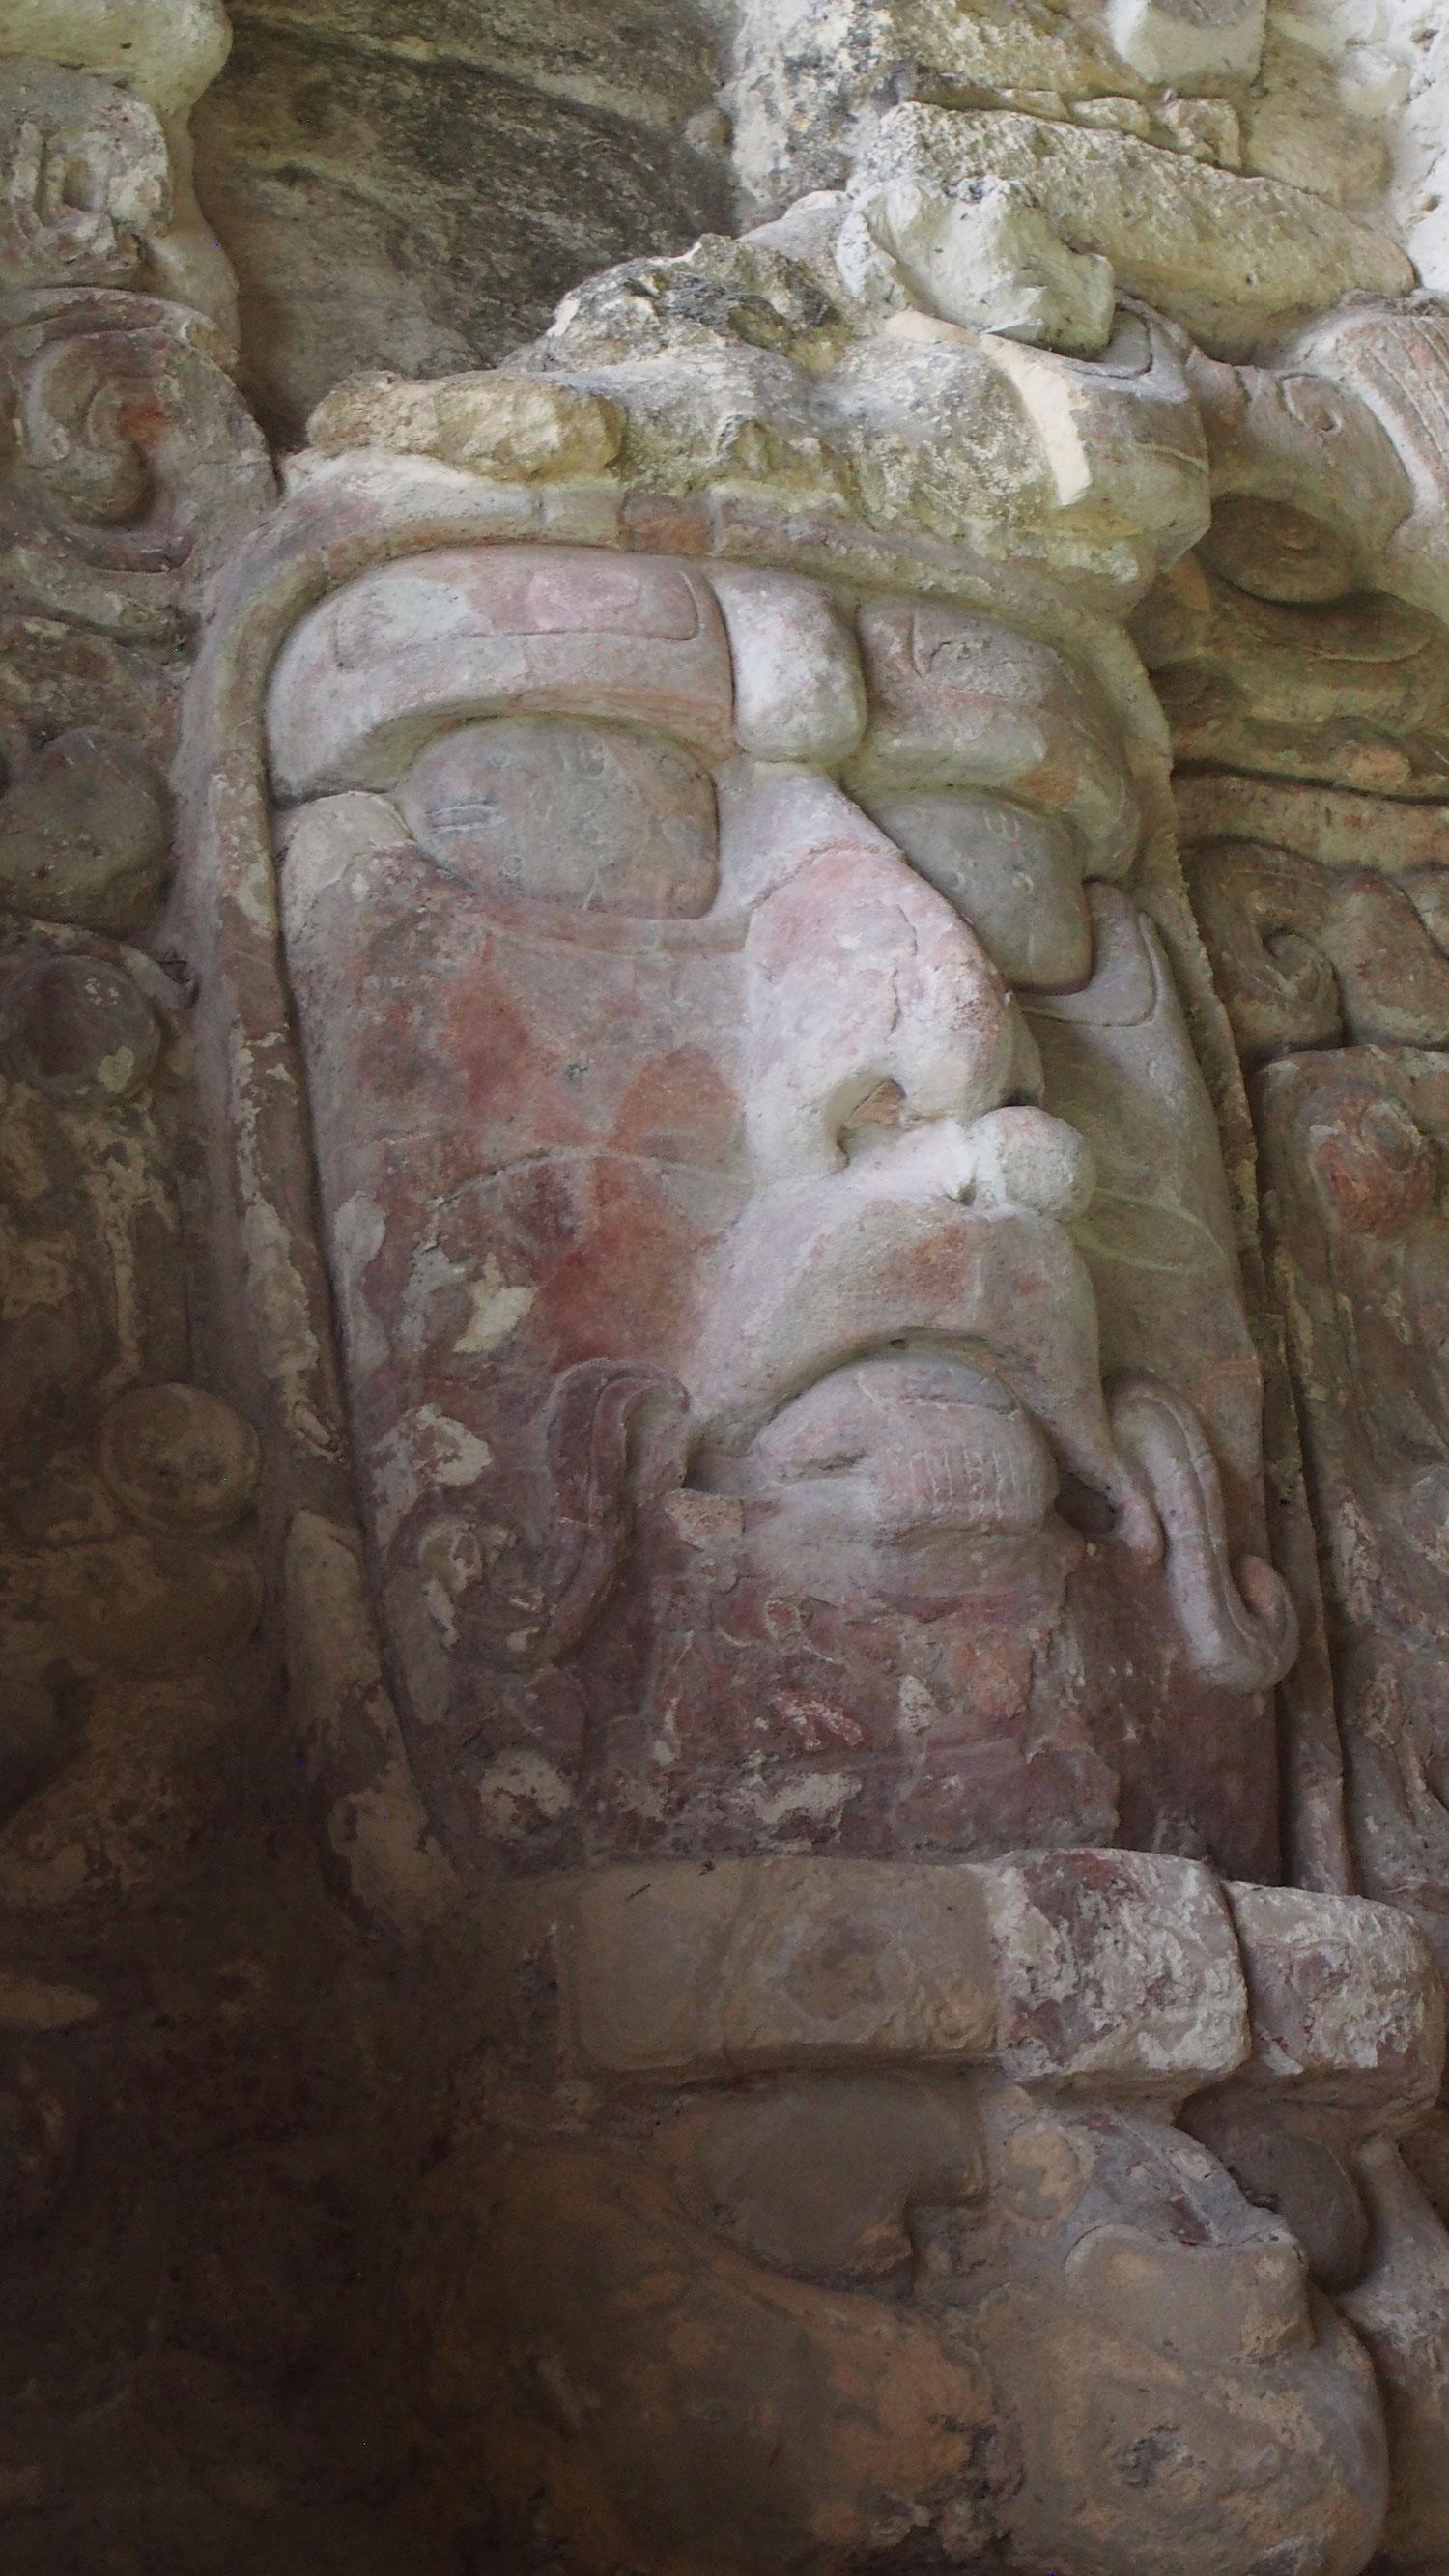 Hammocks_and_Ruins_What_to_Do_Yucatan_Mexico_pyramid_Maya_Kohunlich_36.jpg